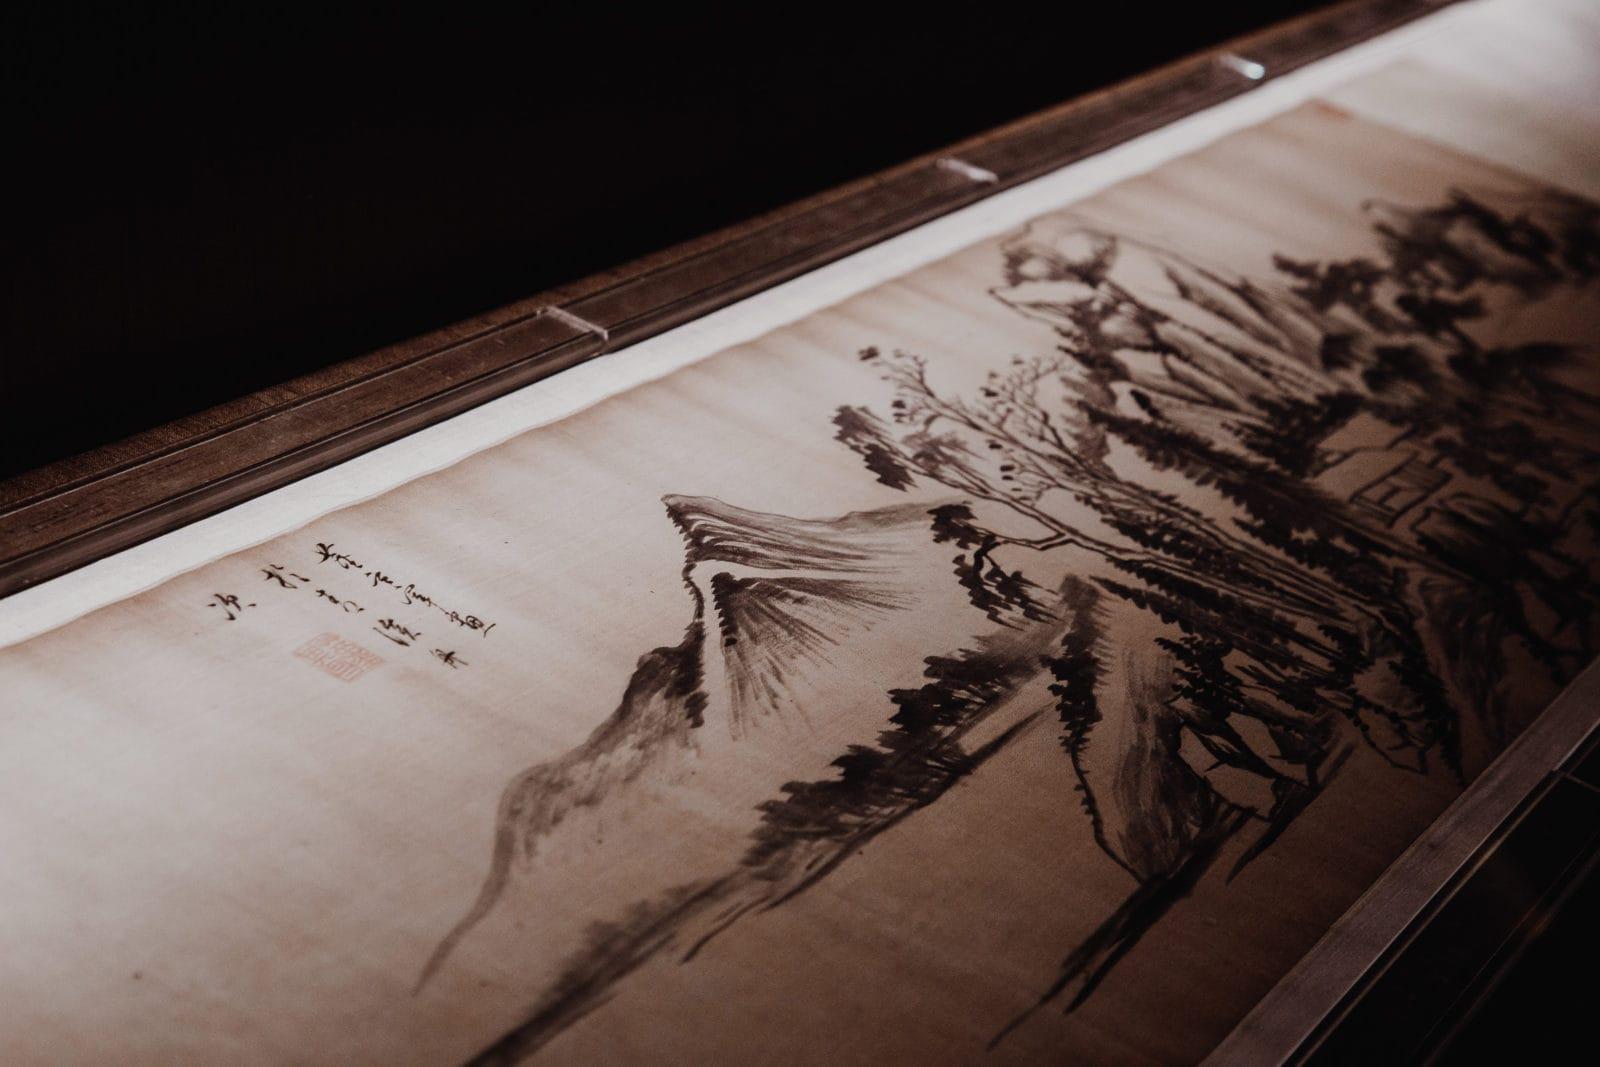 Suzhou Sehenswürdigkeiten Kalligraphie Ausstellung Suzhou Museum